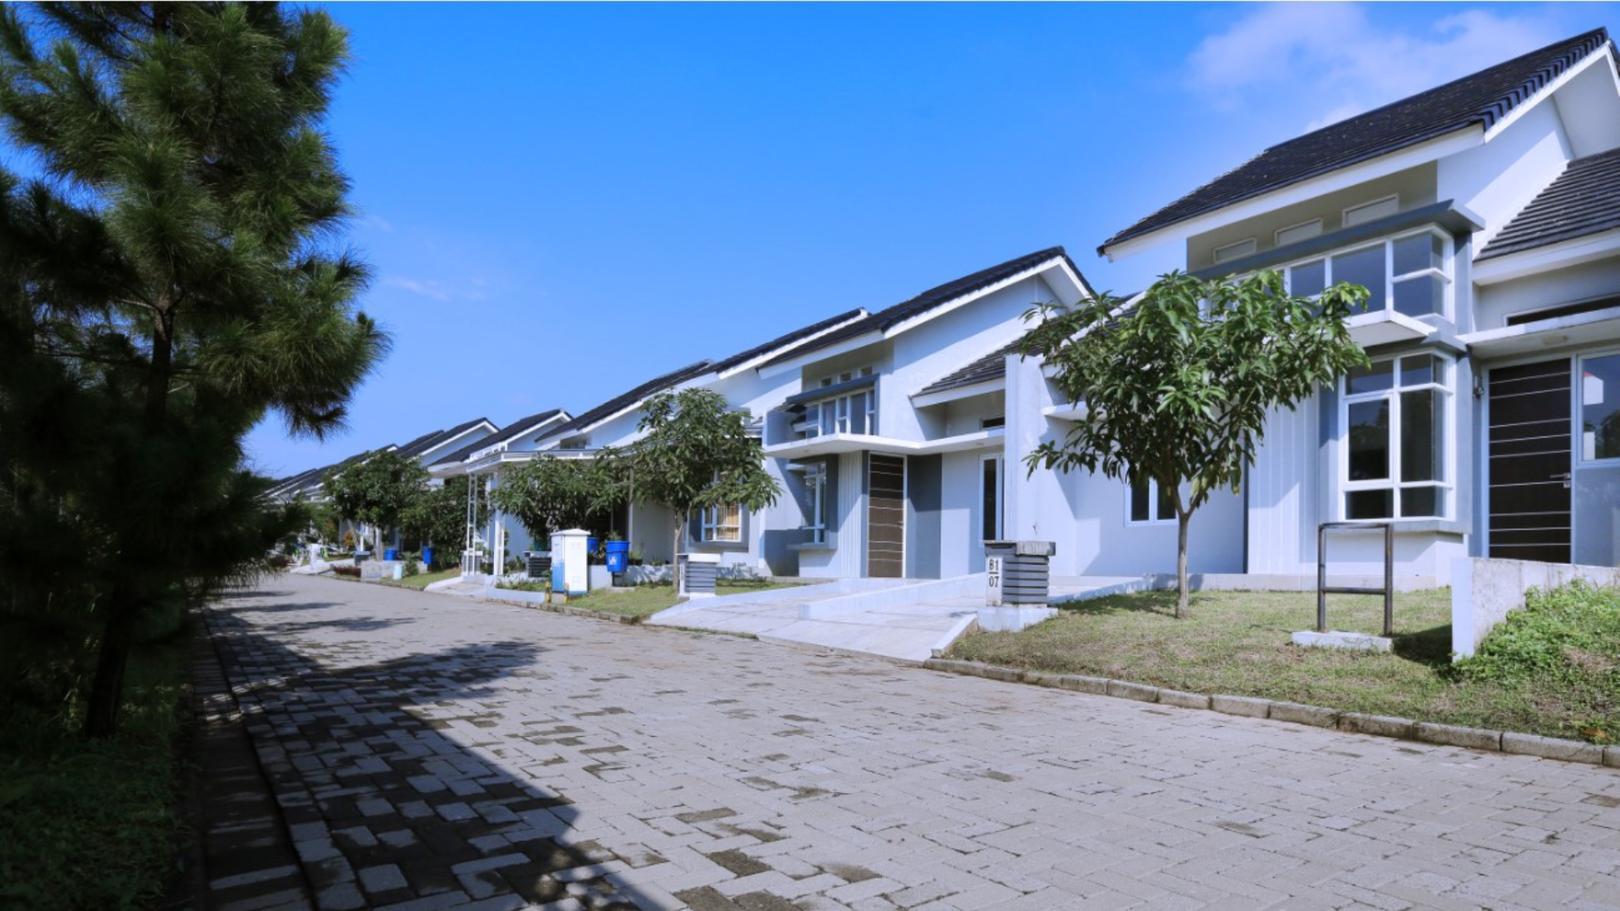 View 3 lingkungan Samira Residence